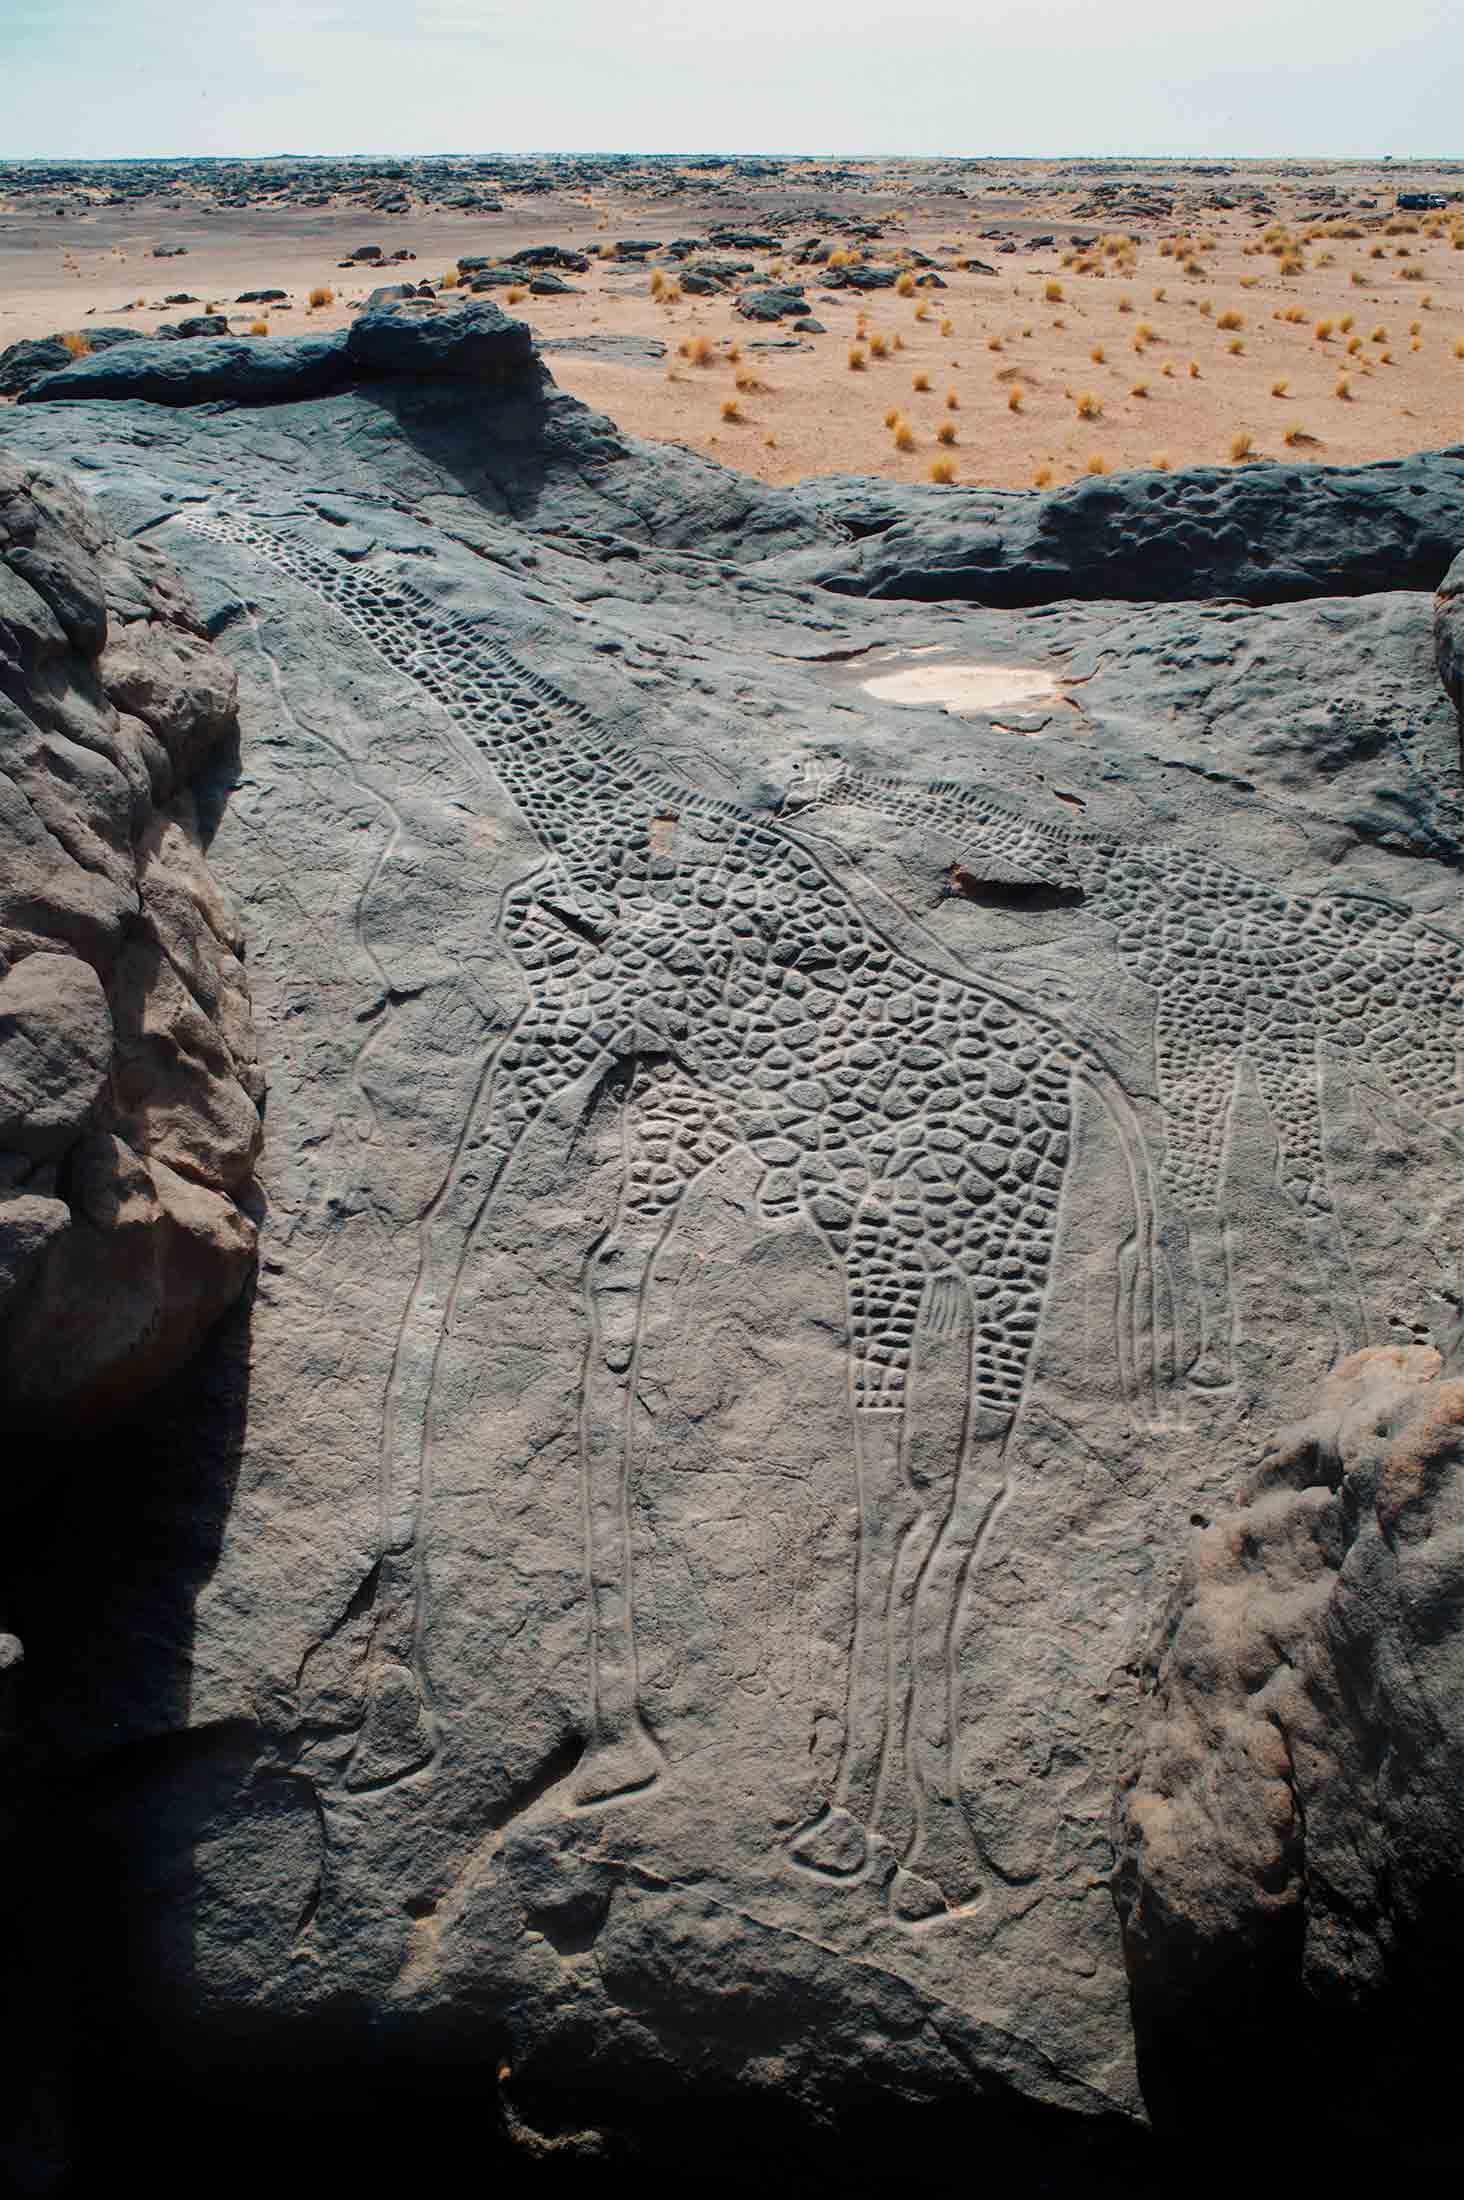 rock art petroglyph niger africa